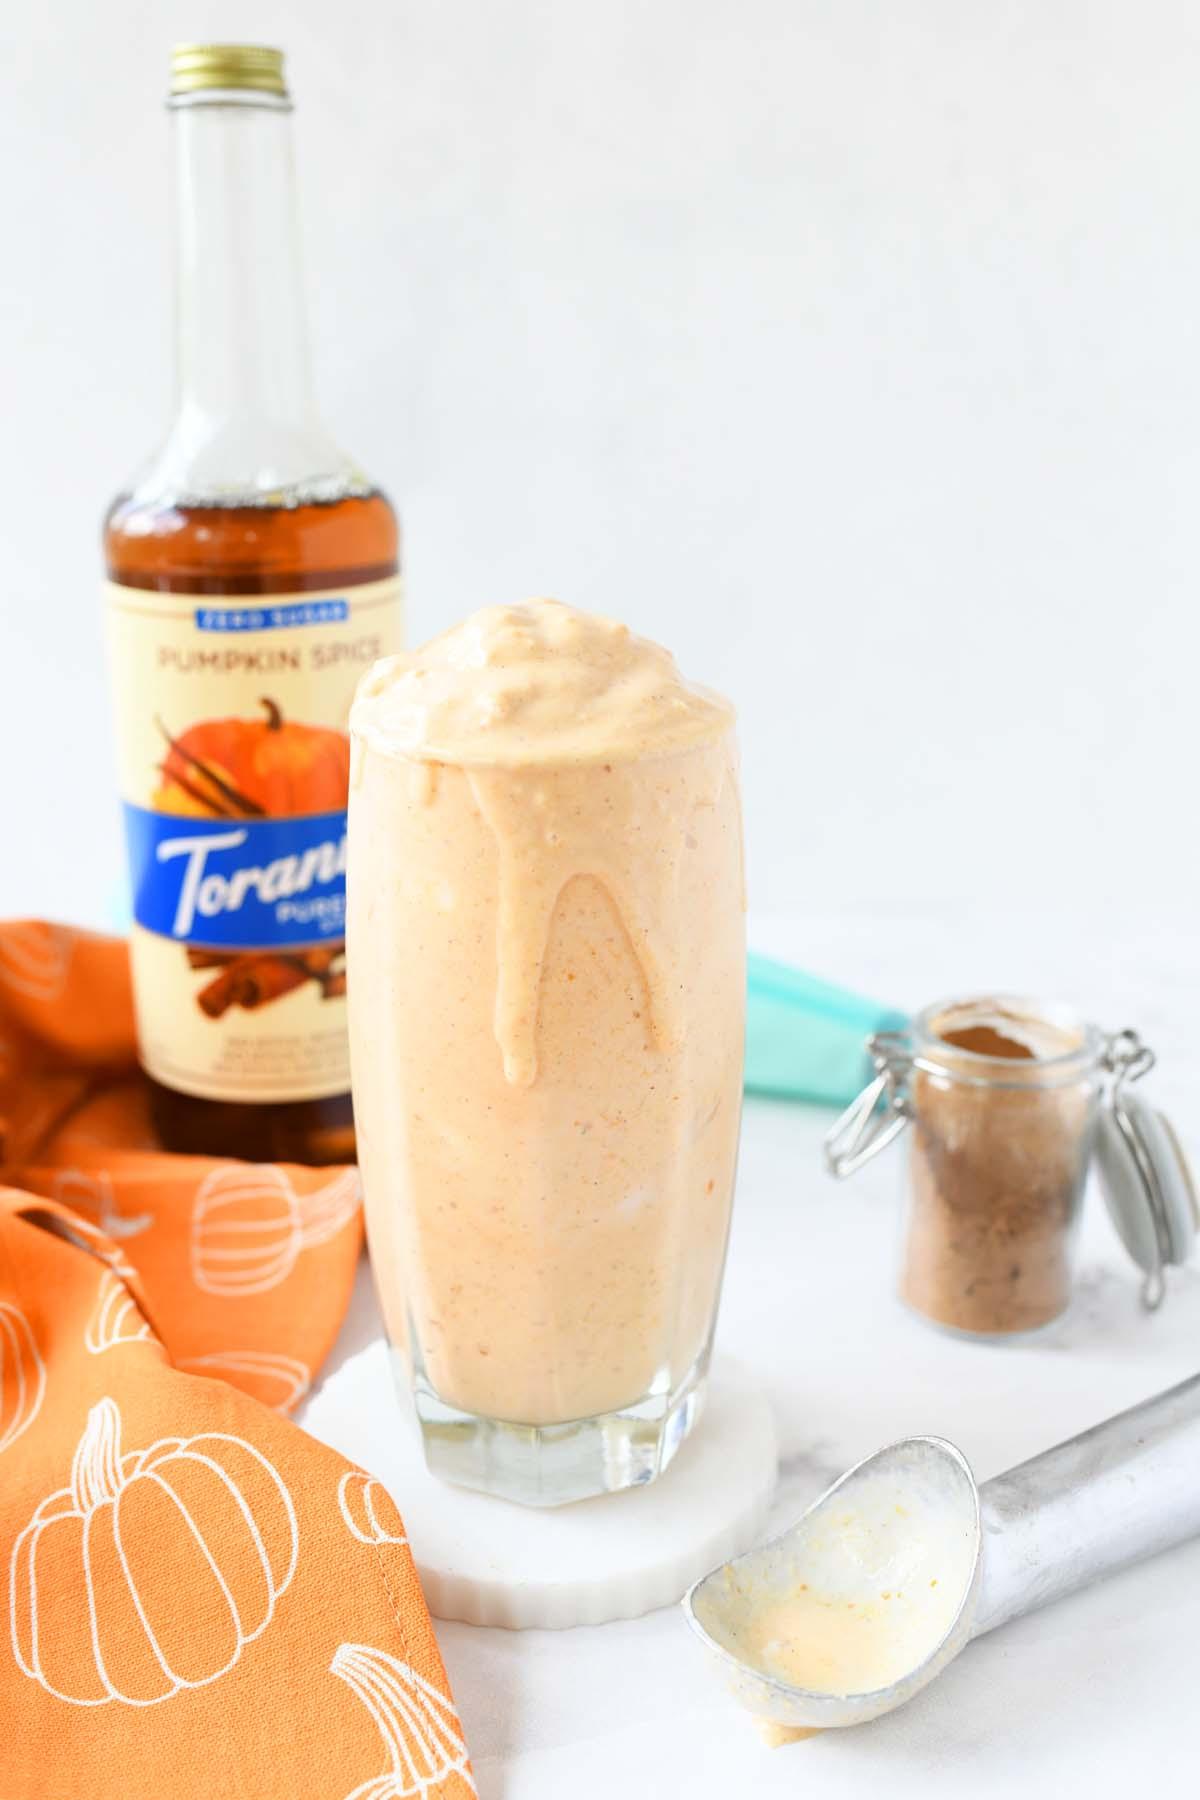 Pumpkin Pie DIY inspired Blizzard drink in a glass.